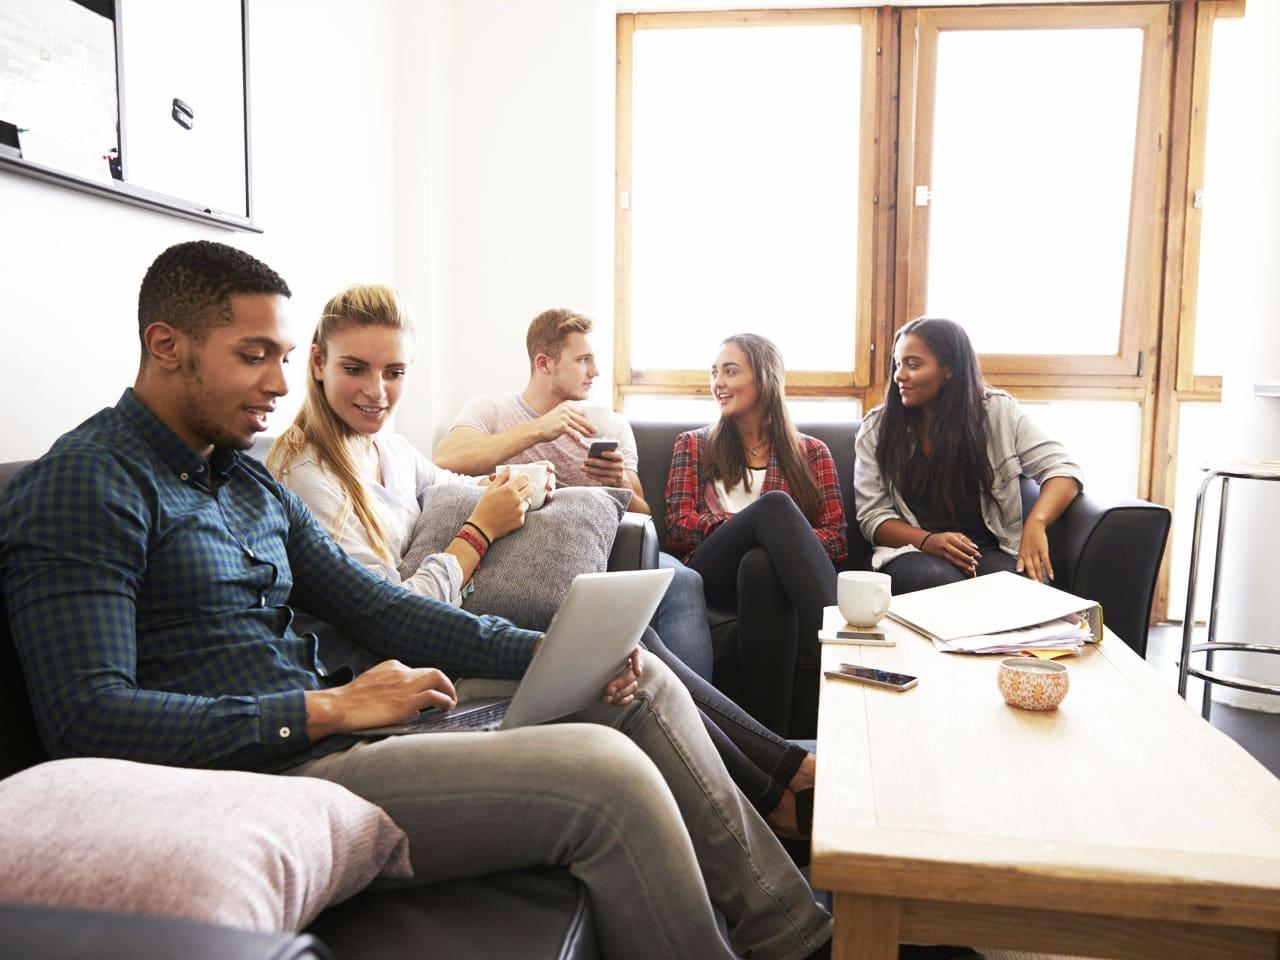 Quels sont les principaux critères de choix d'un bon logement étudiant